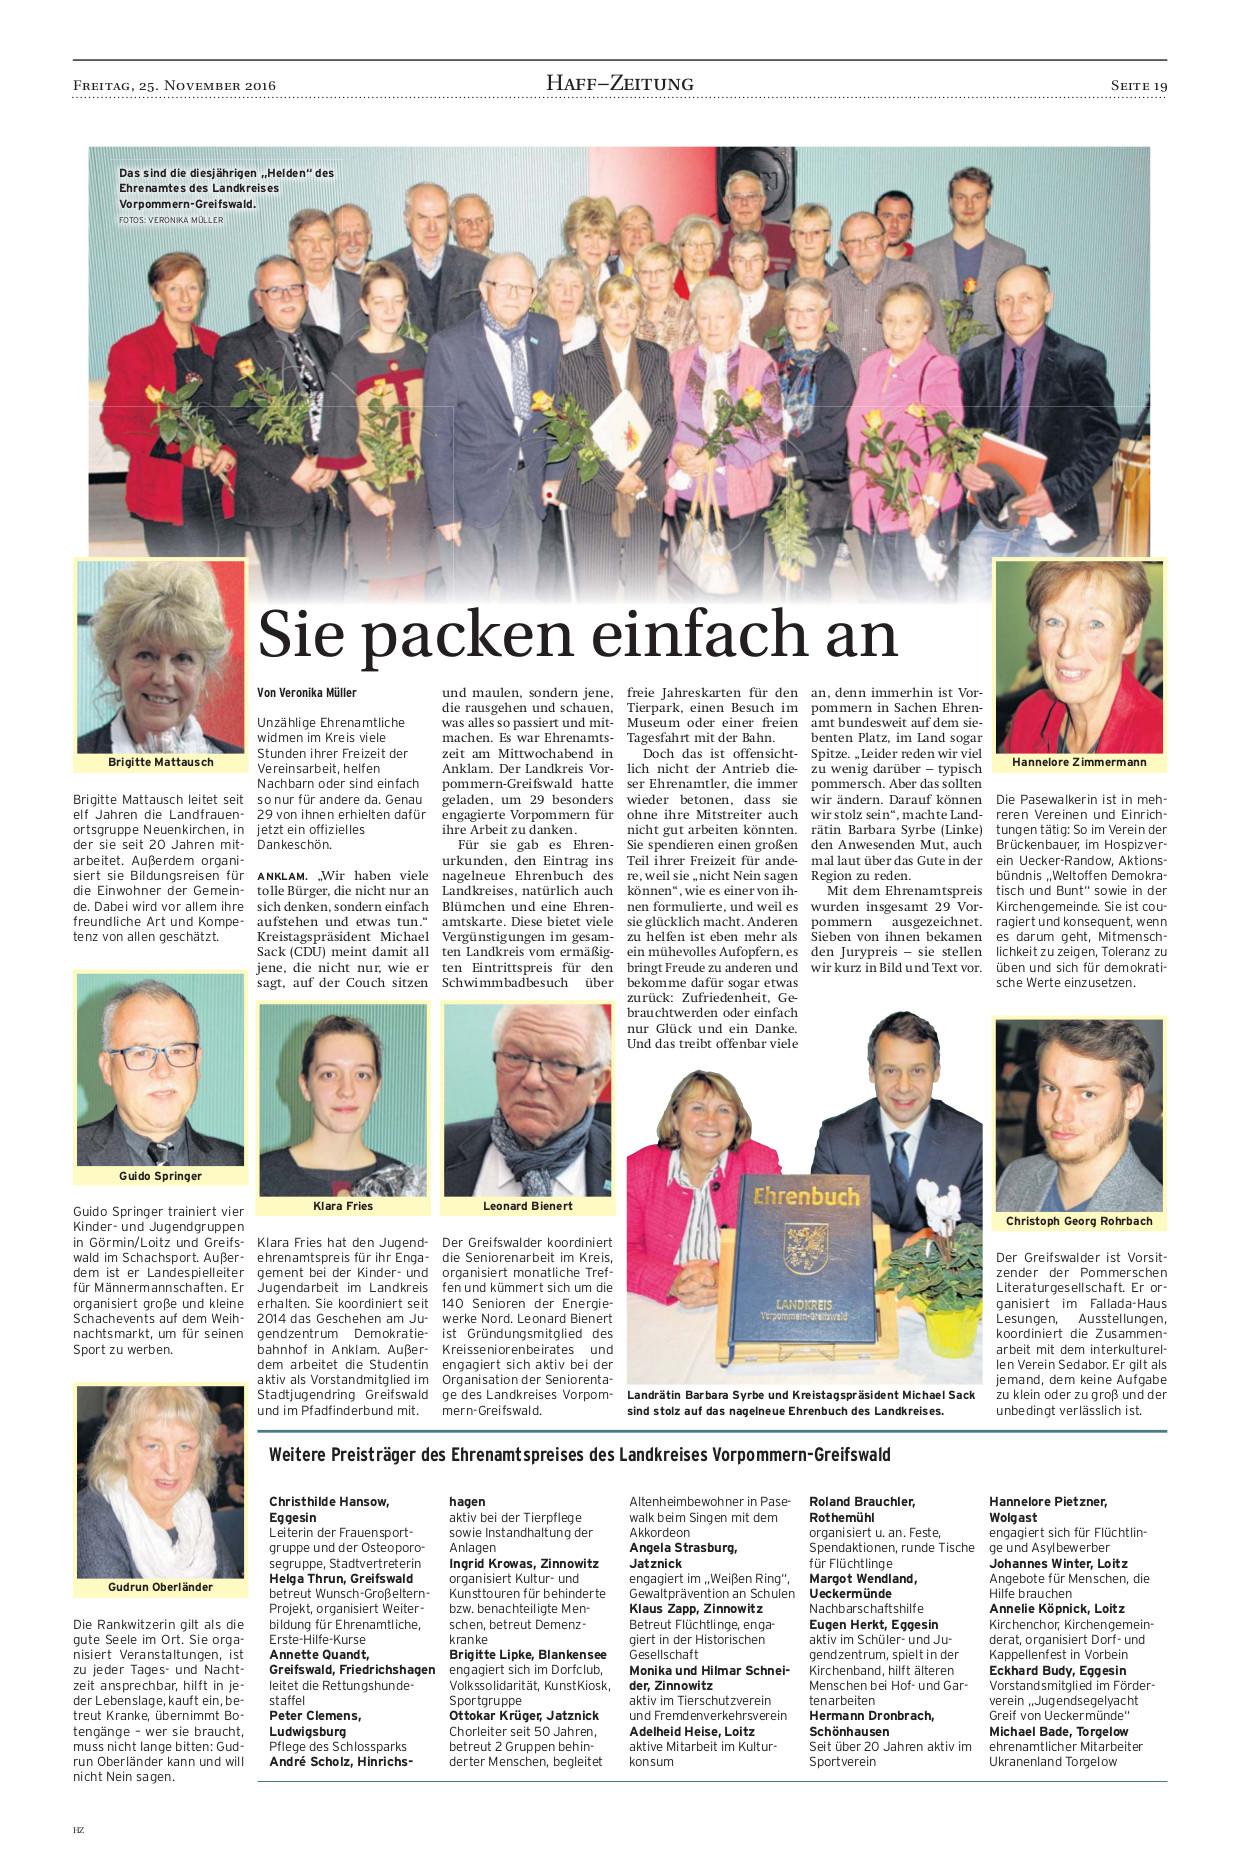 nk_haffzeitung_25112016seite19